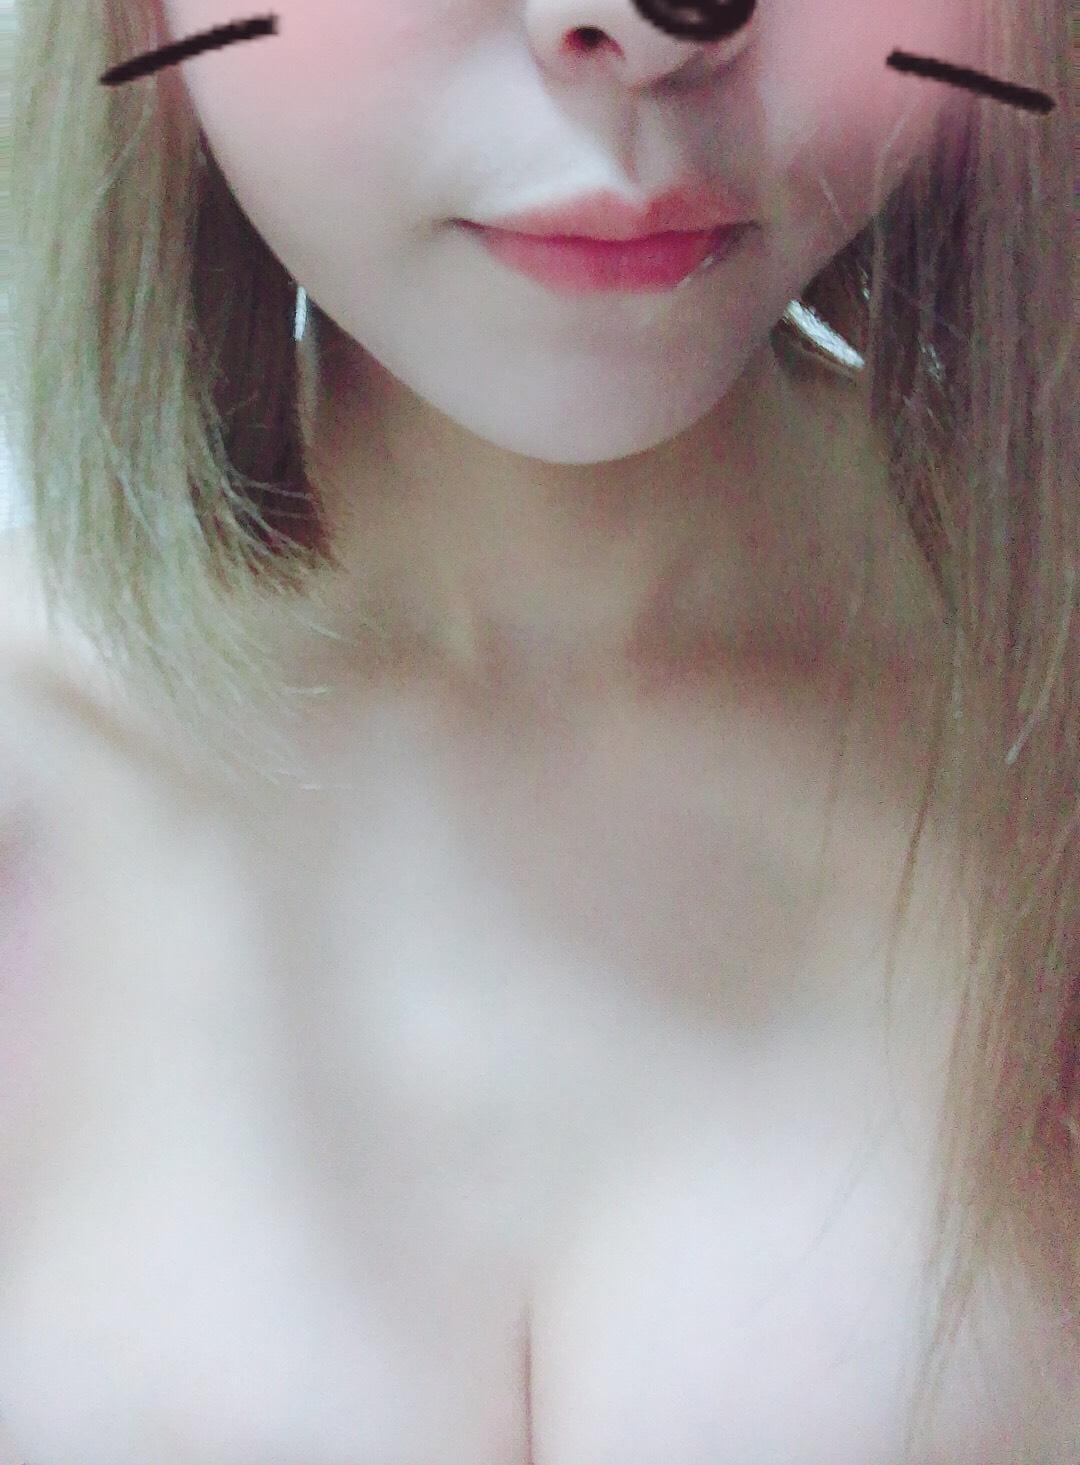 「おはようございます」09/21(金) 15:13 | S級体験わかなの写メ・風俗動画